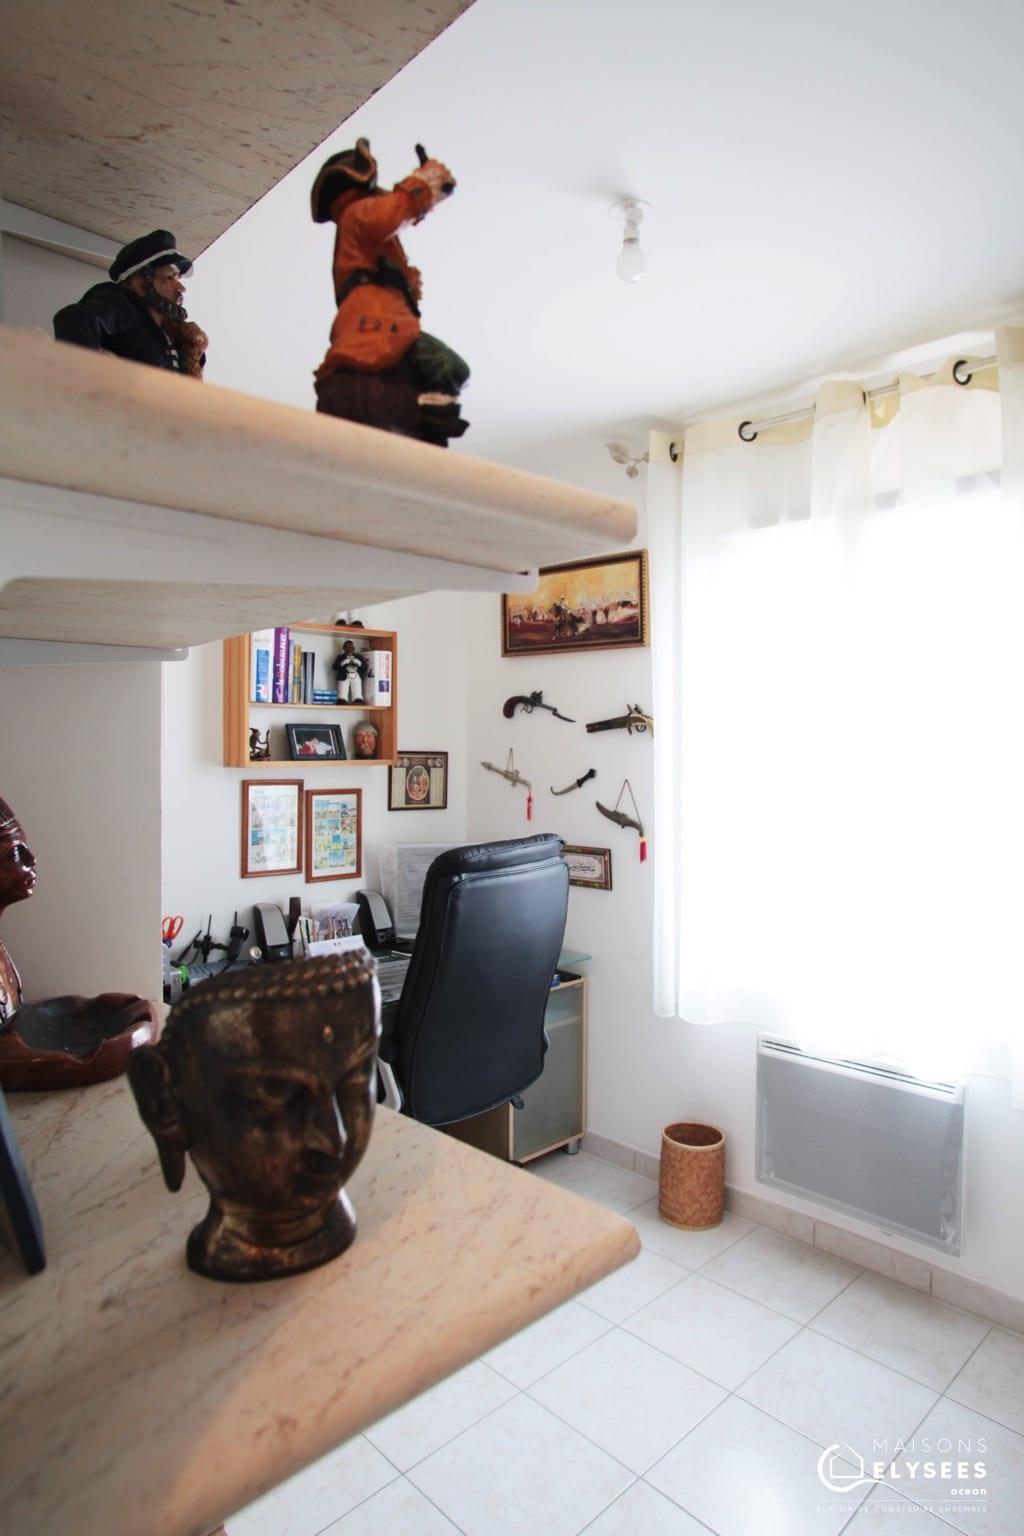 construction-maison-neuve-decoration-interieure-saint-augustin-17-charente-maritime-MOUZON - LAVENU HD (2)